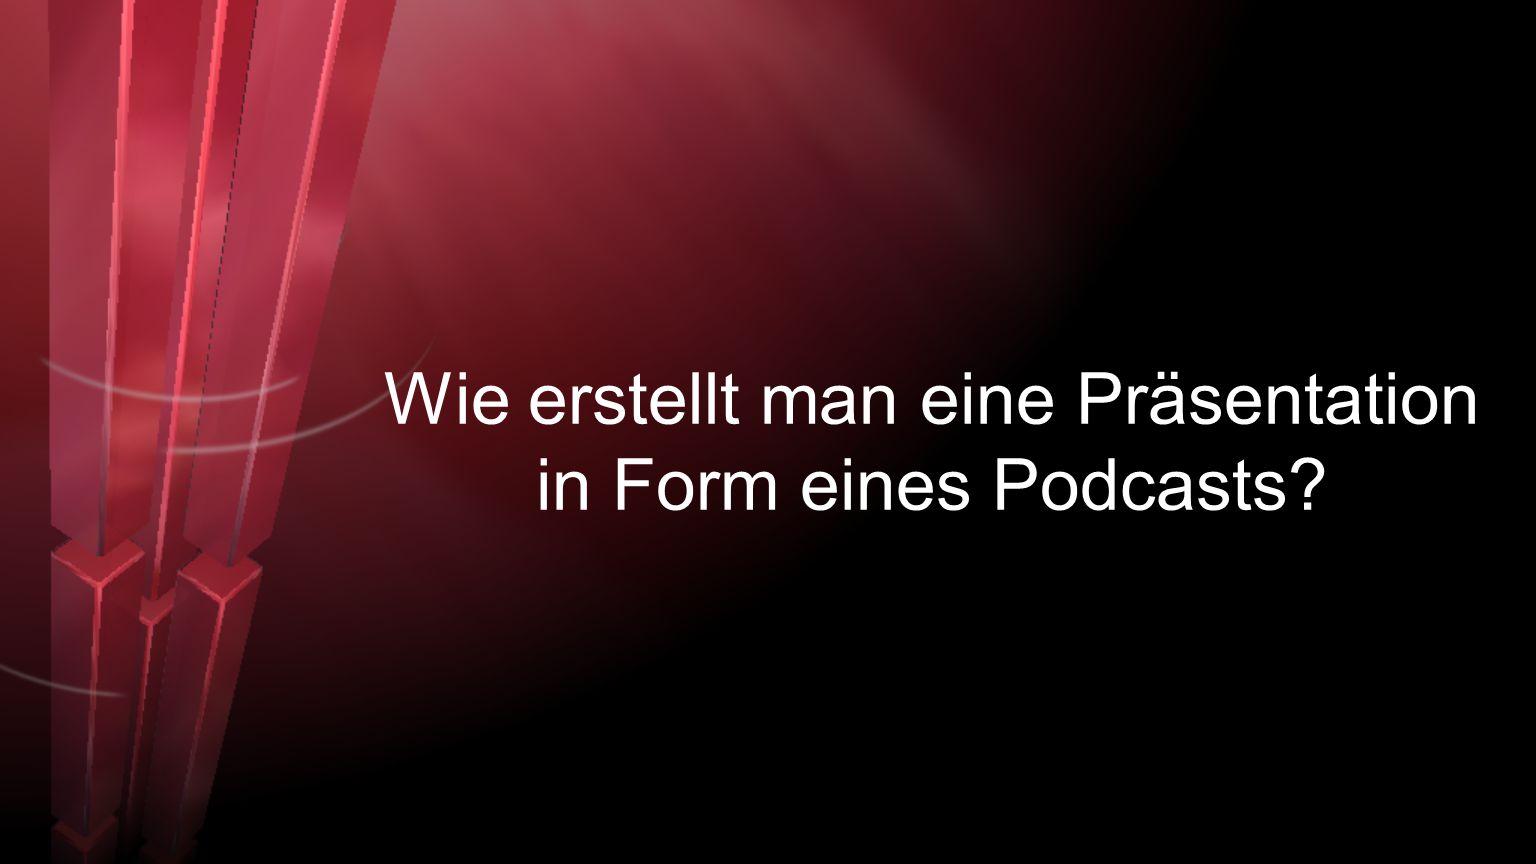 Wie erstellt man eine Präsentation in Form eines Podcasts?